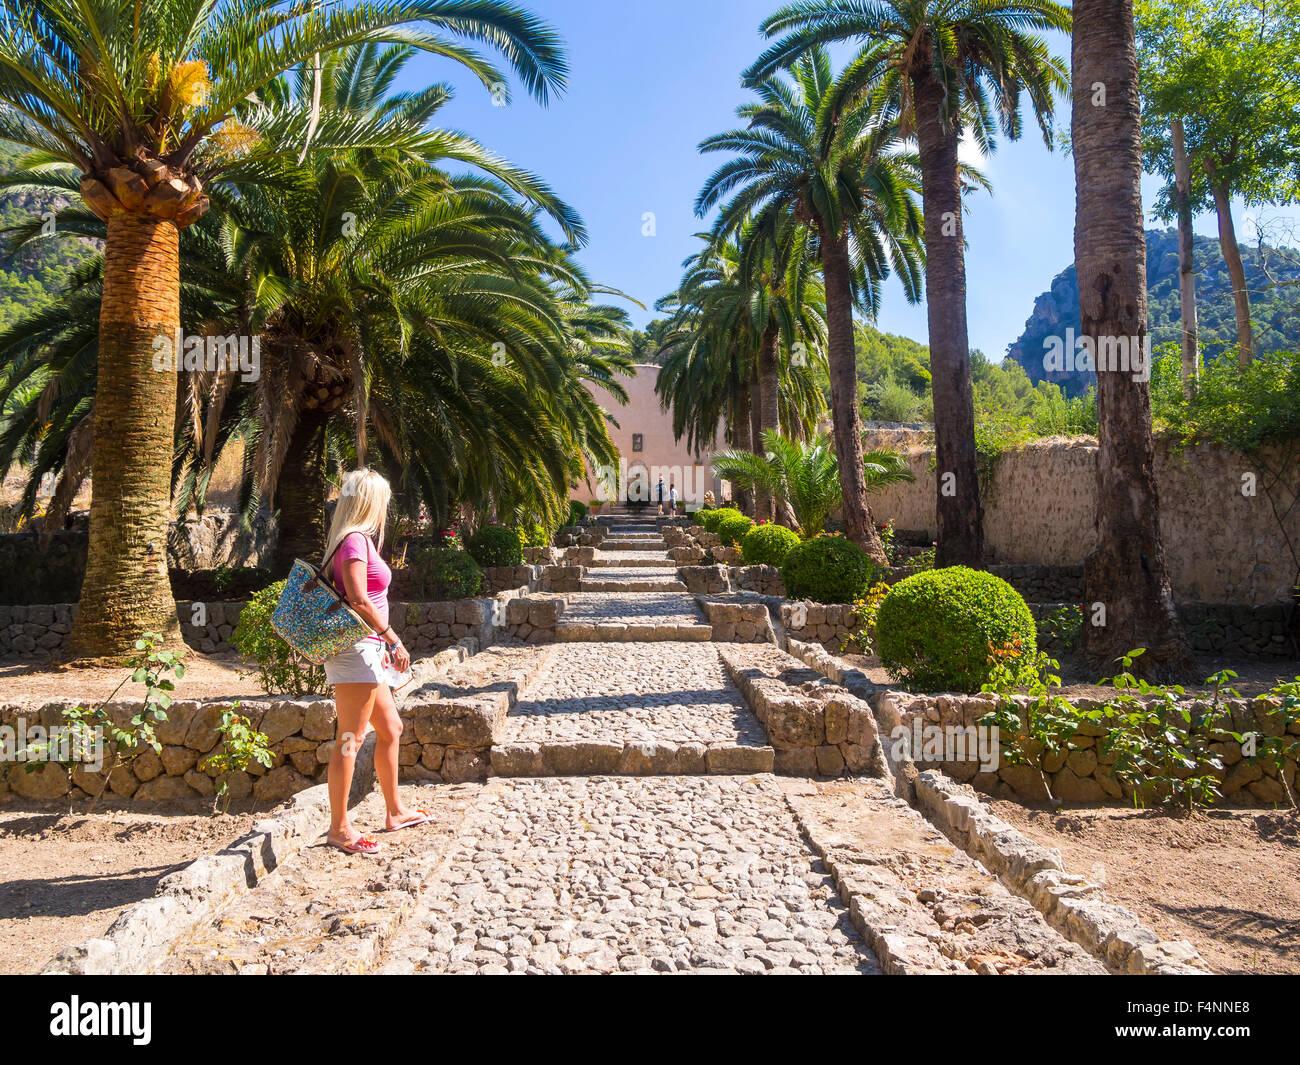 Los jardines de Alfàbia, los jardines árabes, la Sierra de Alfàbia, Mallorca, España Imagen De Stock